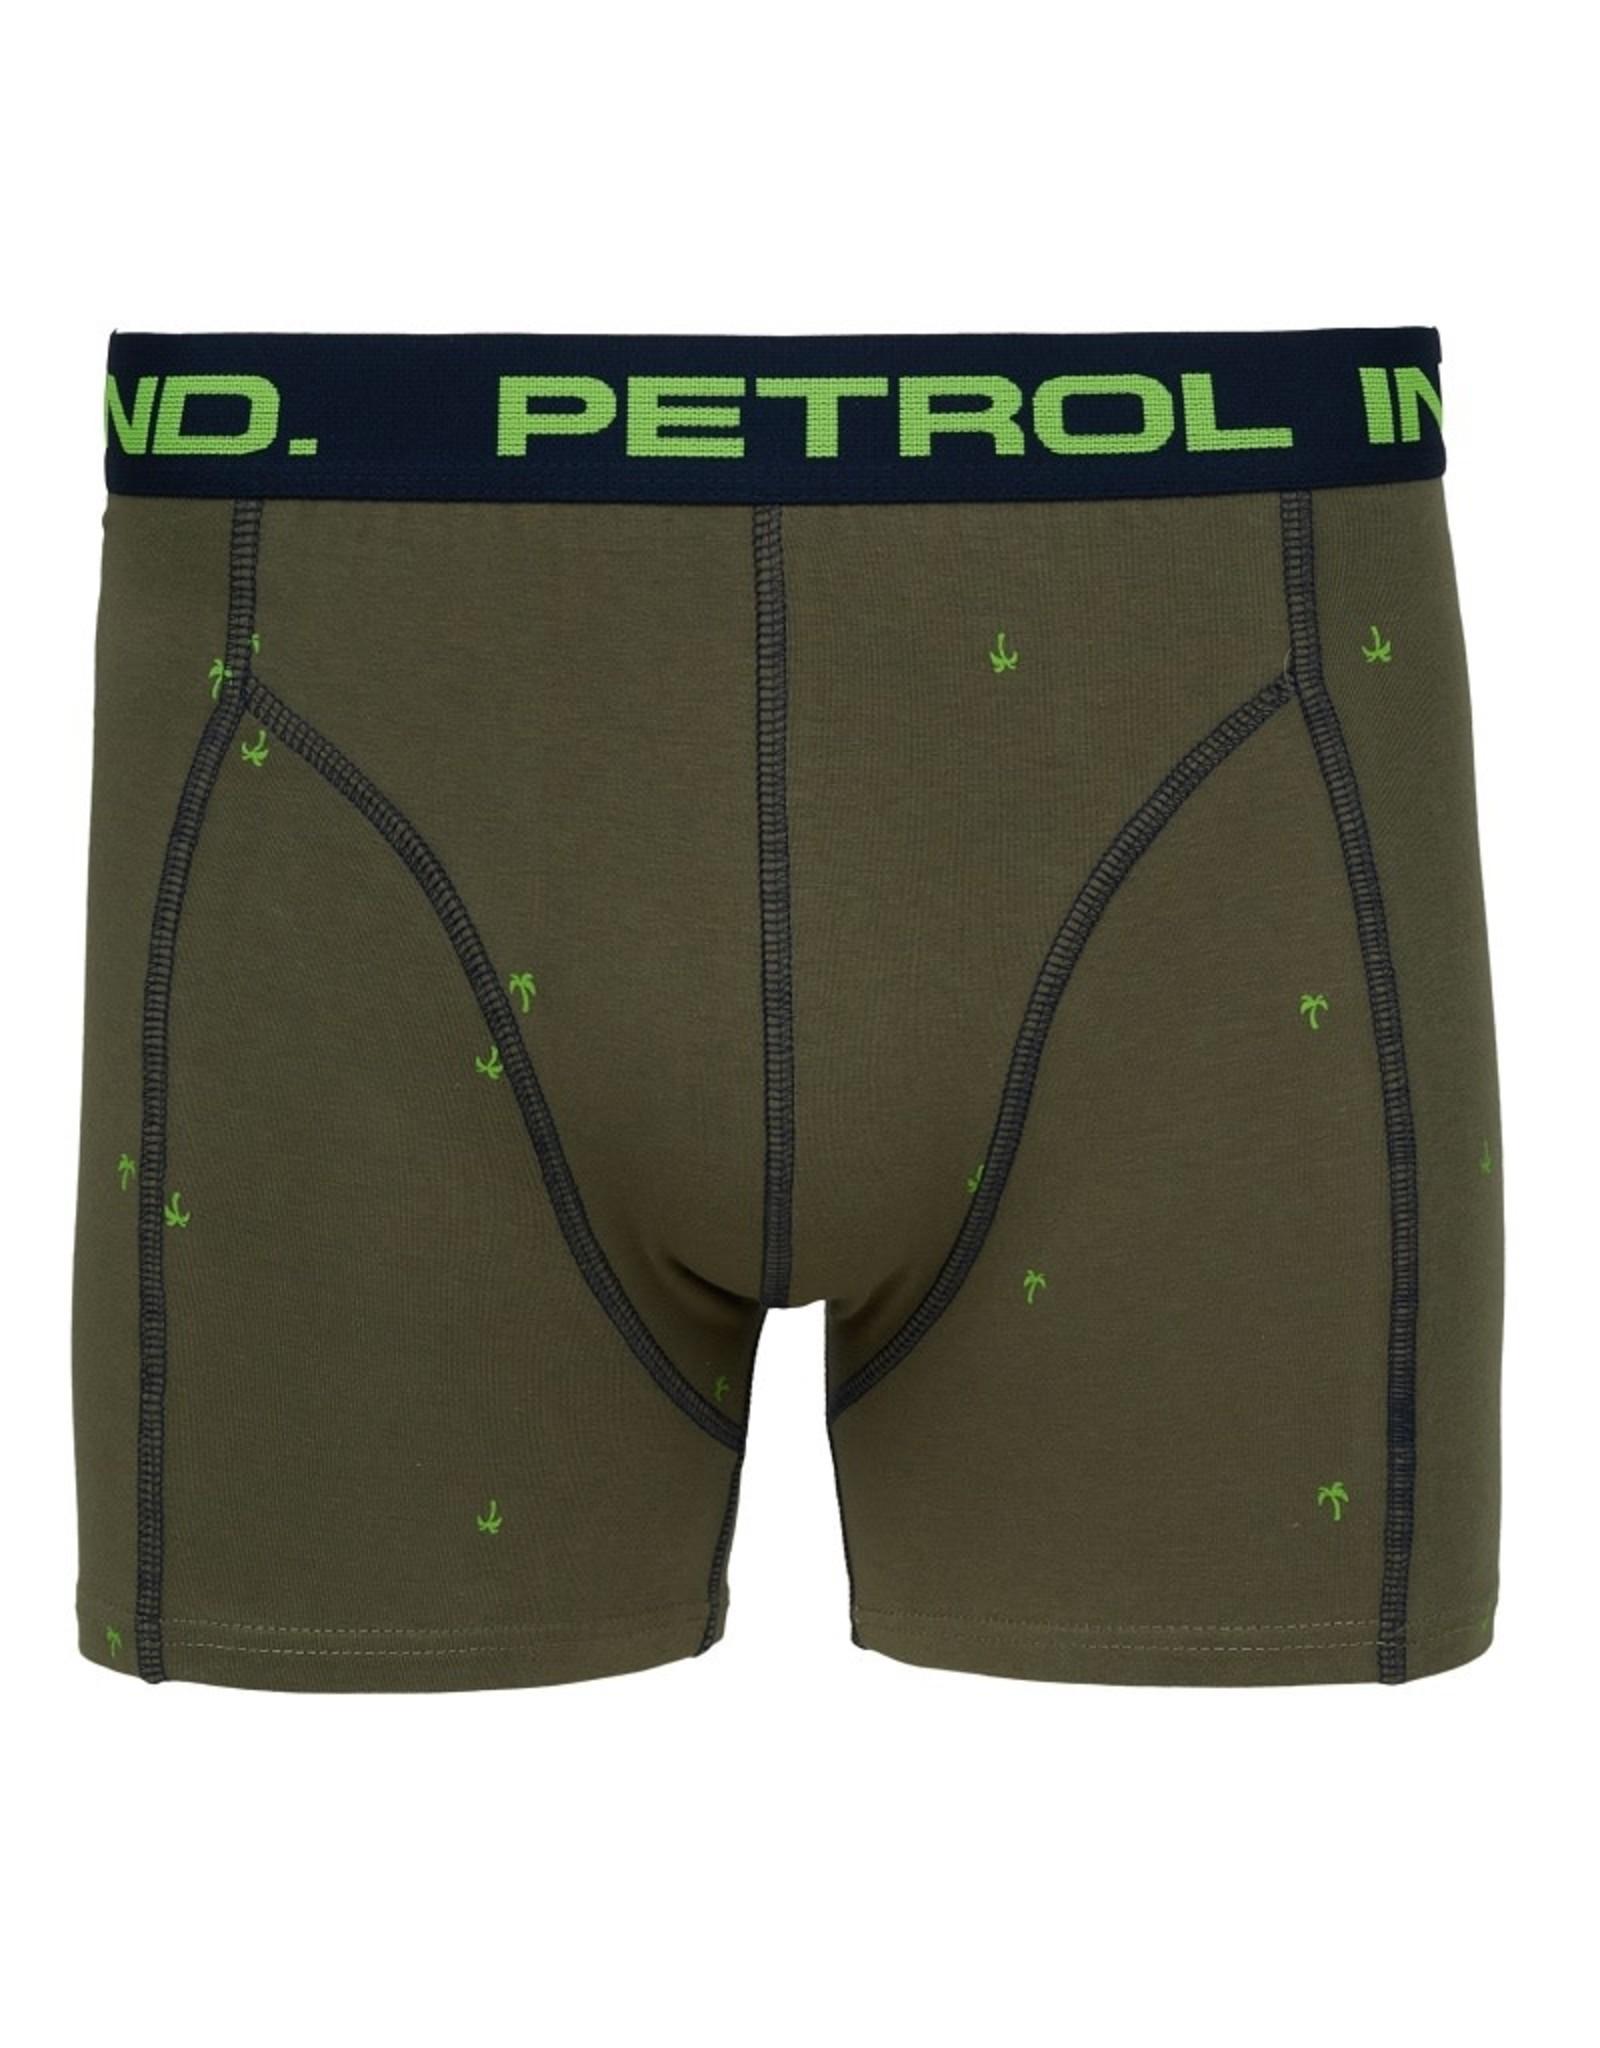 Petrol Ind. Petrol Boxershort 1-PACK Groen BXR002